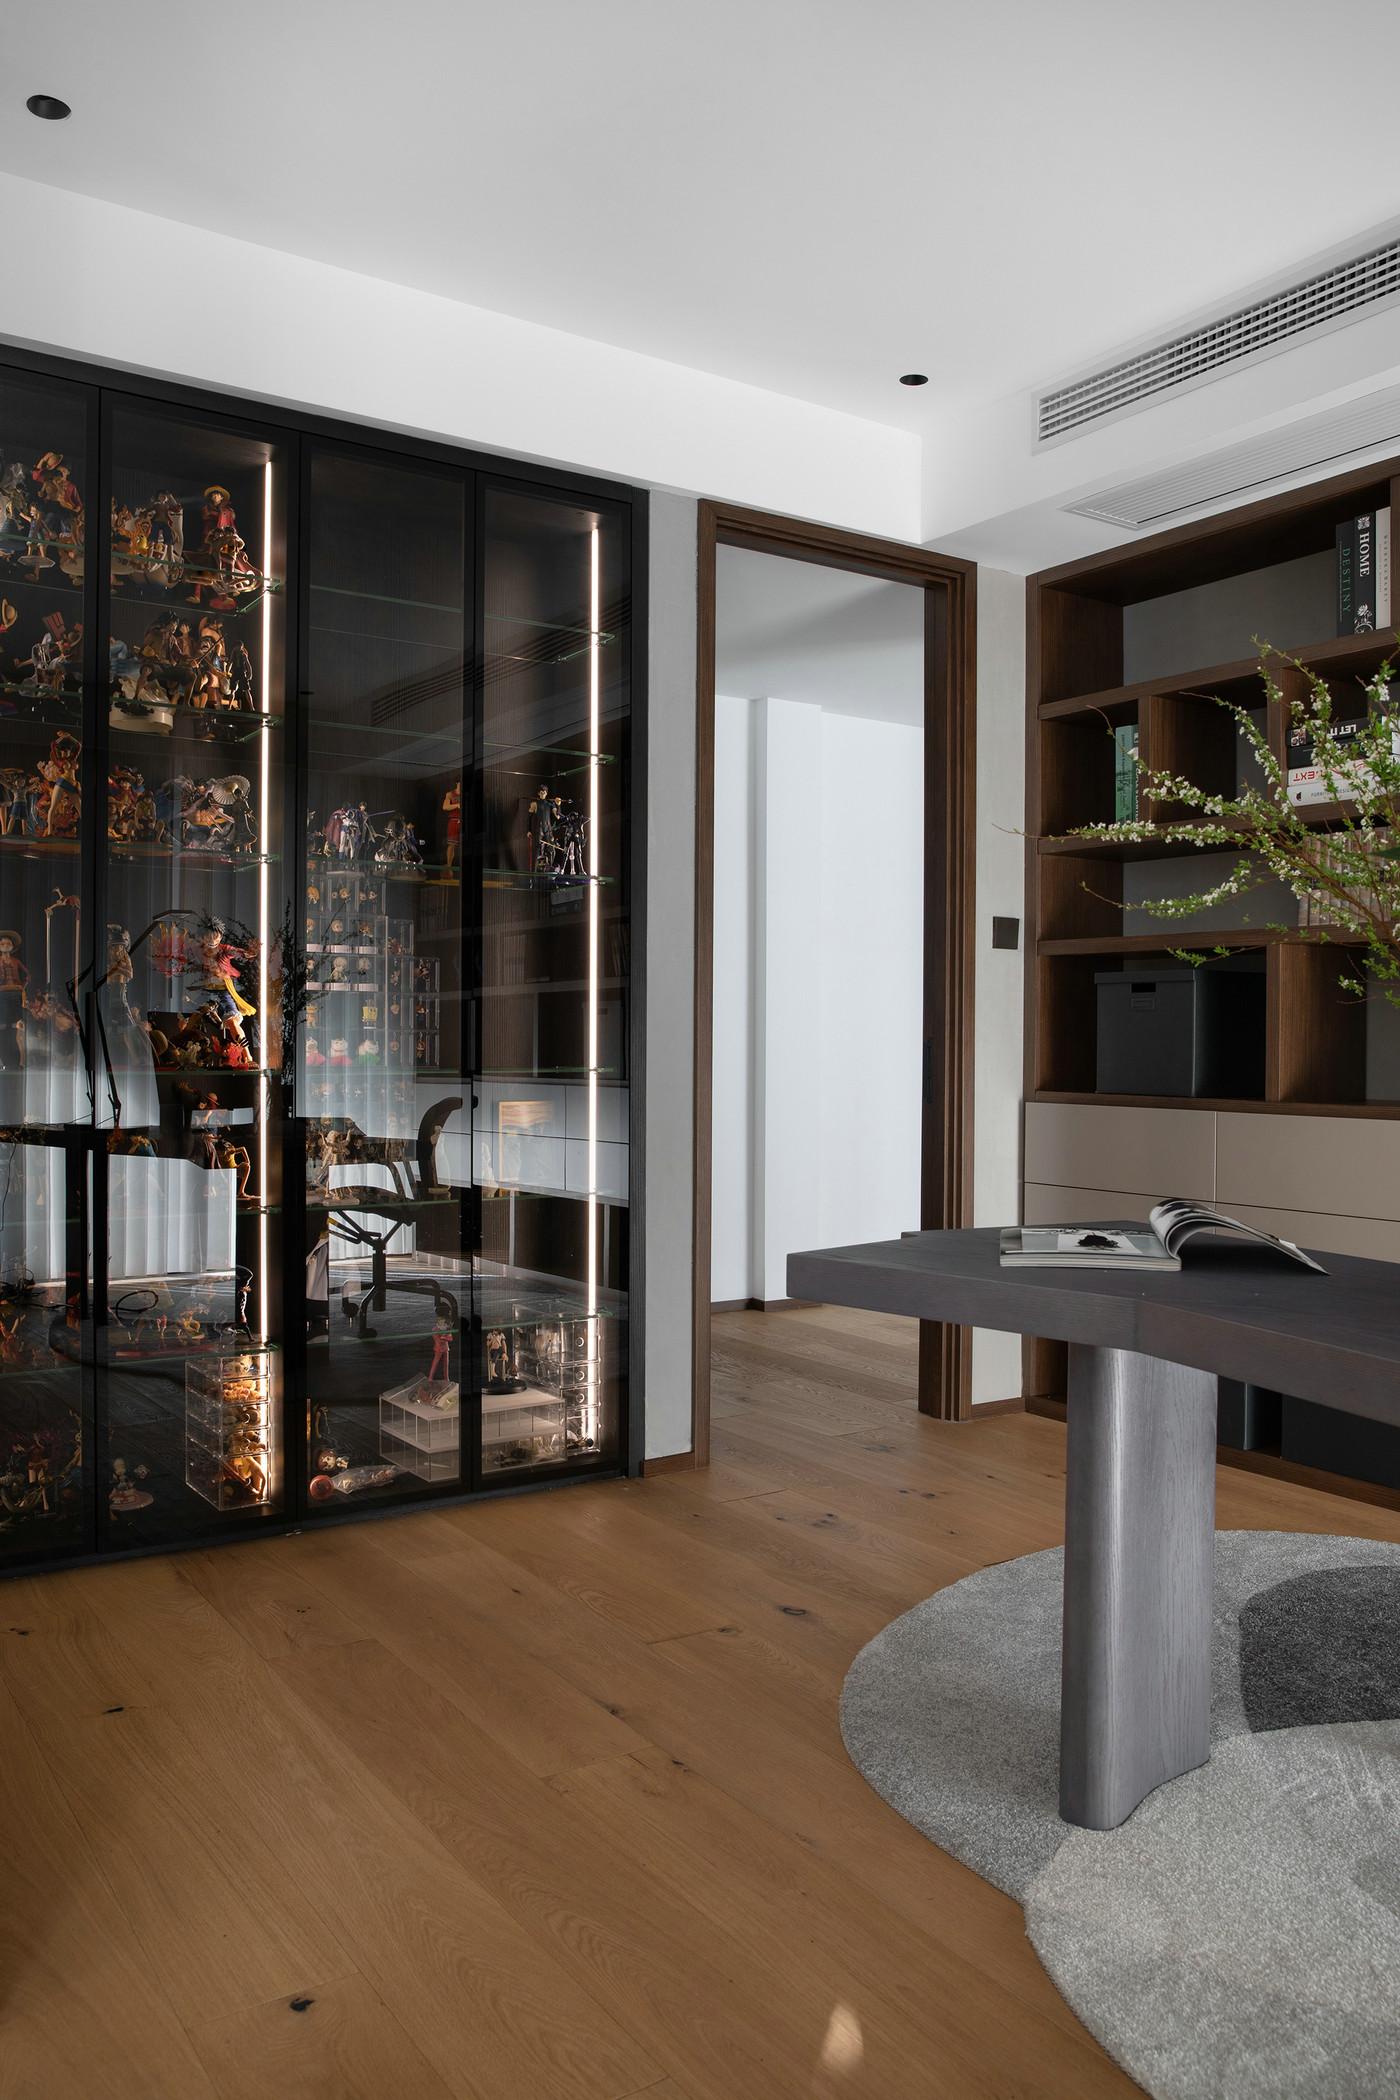 书房侧柜巧用玻璃装饰,延伸感强,时尚感浓郁,给予空间艺术气息。